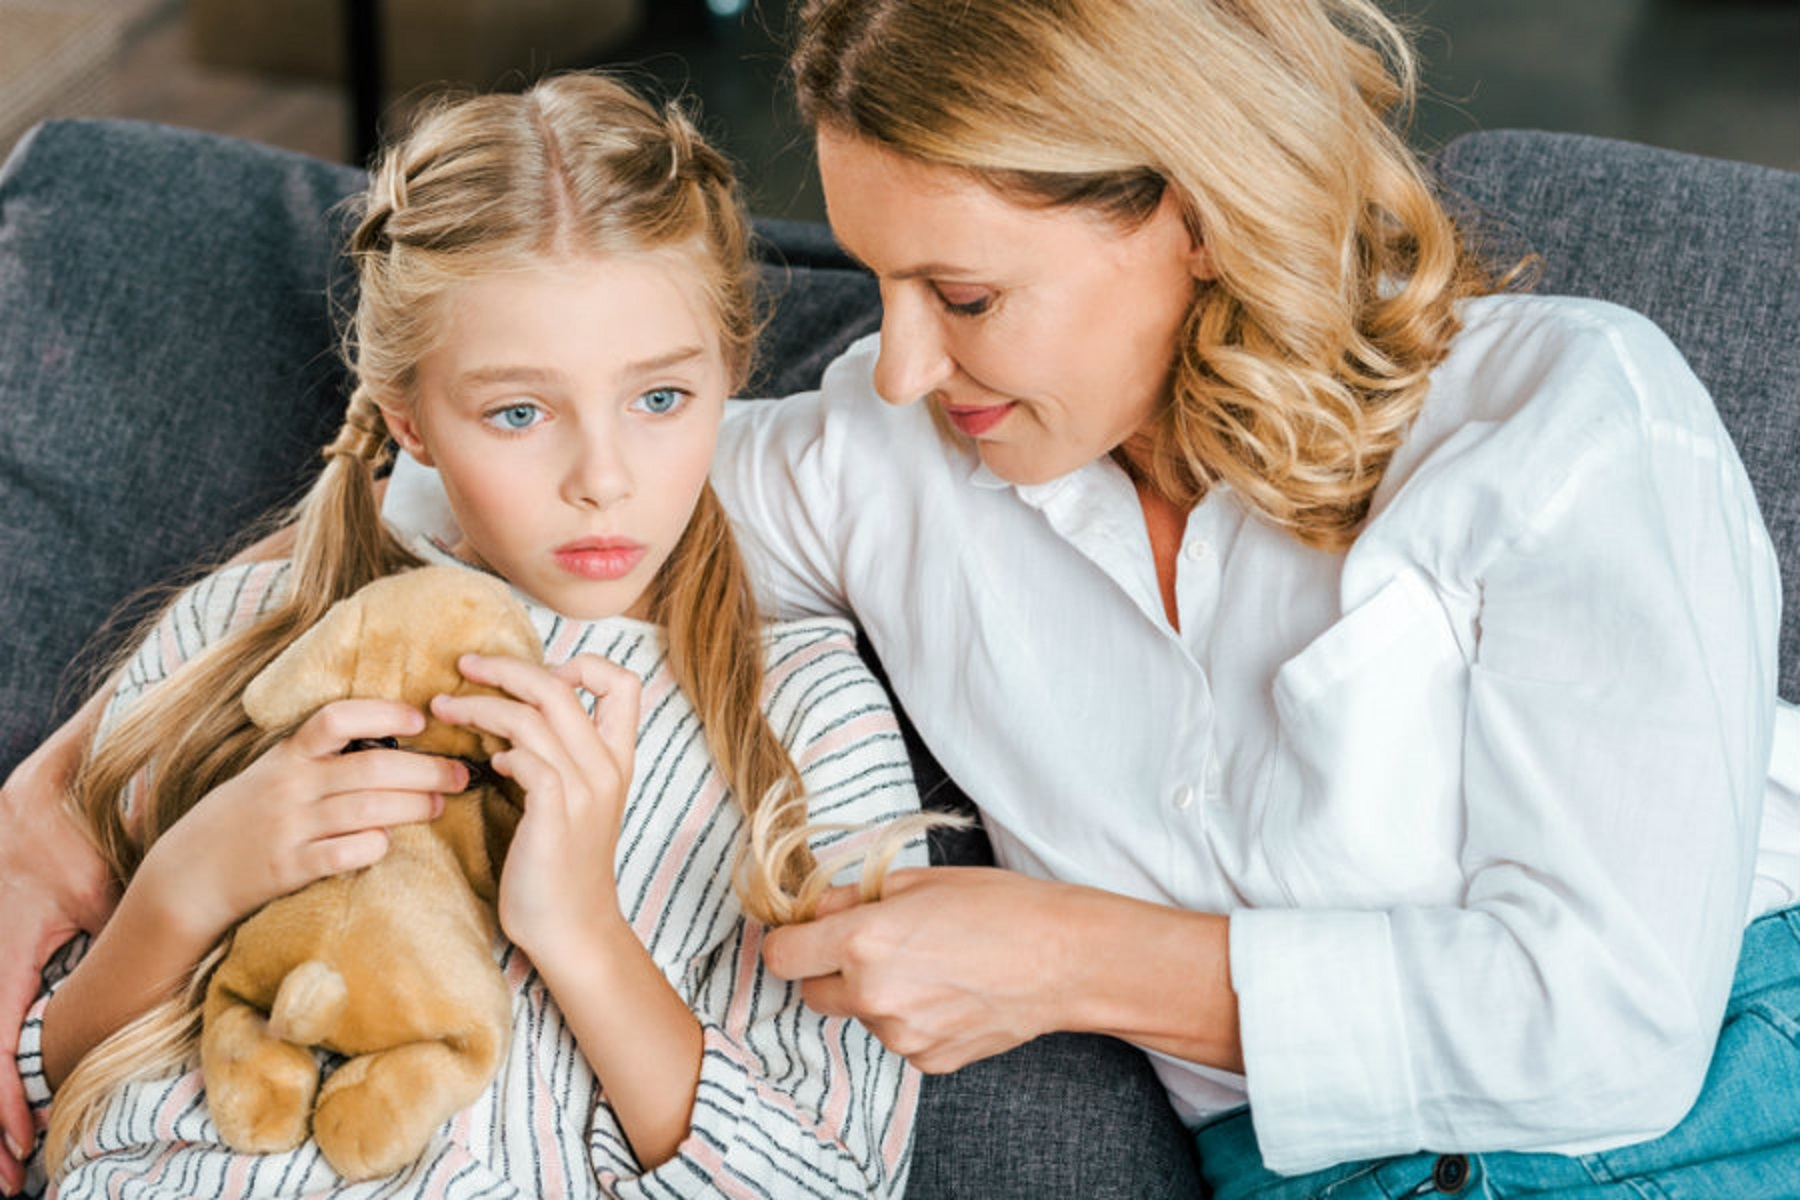 Κακοποίηση Σεξουαλική: Πώς μπορείτε να ενημερώσετε το παιδί σας προληπτικά